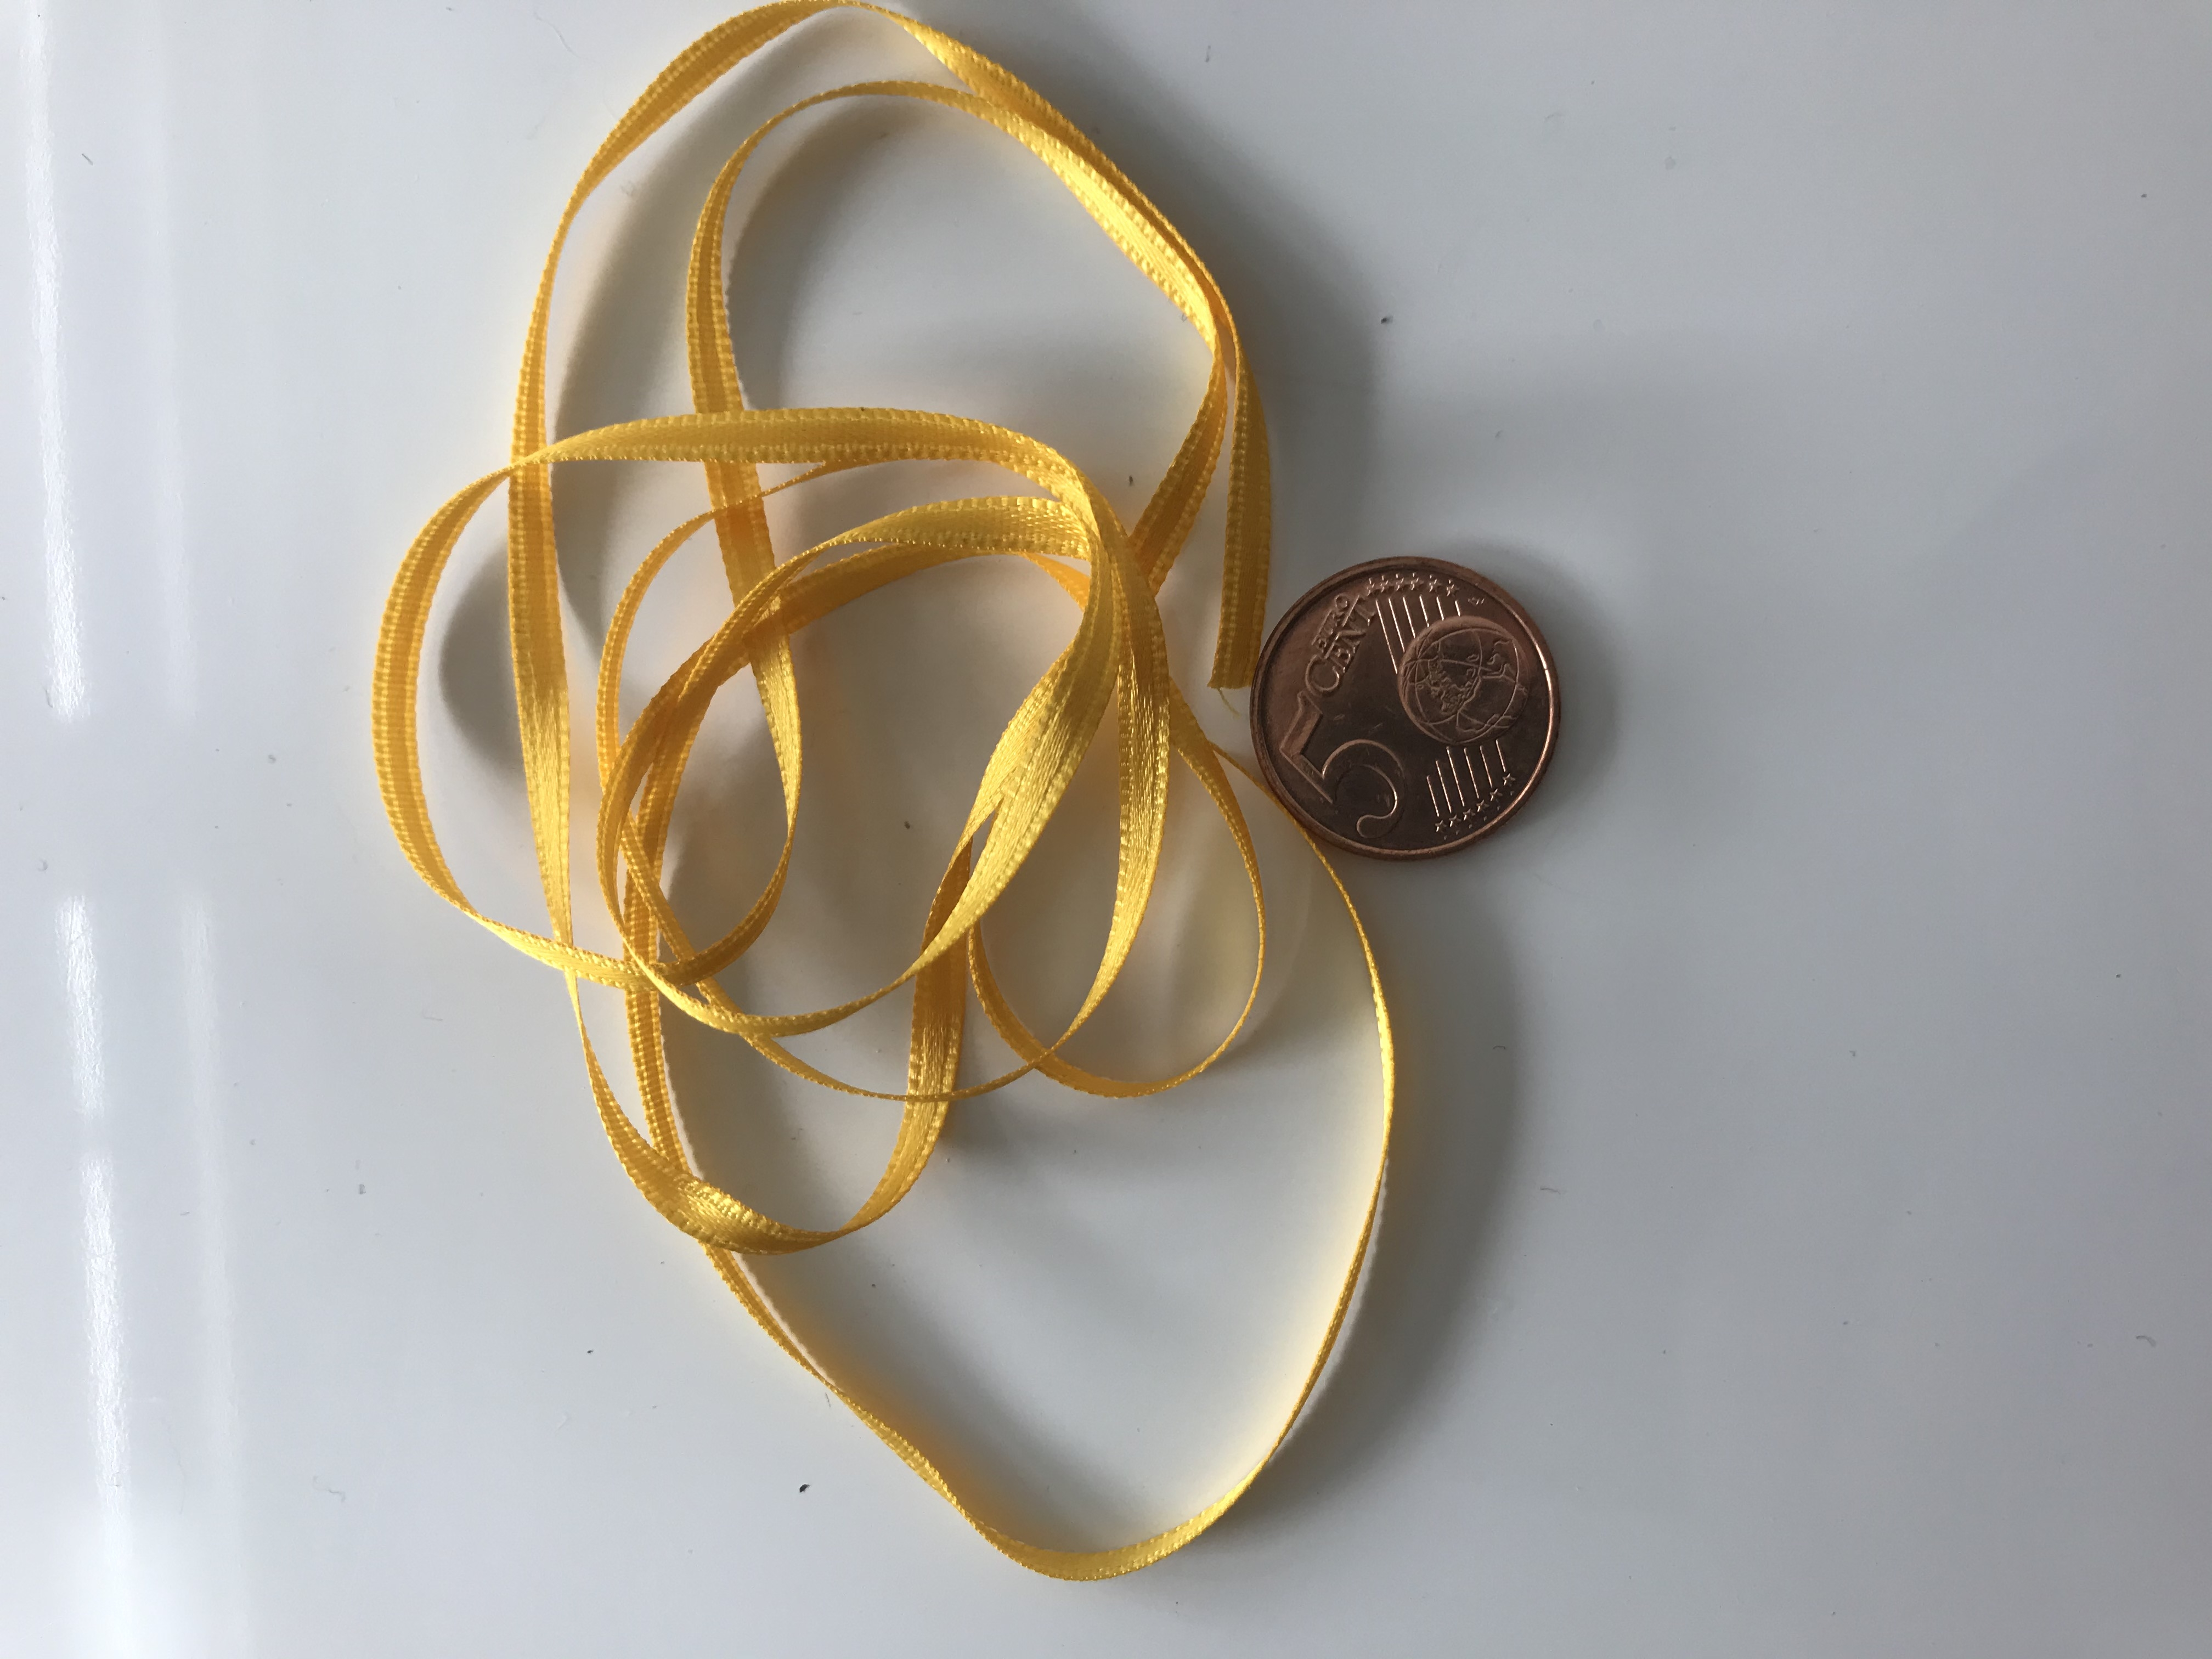 Spanbanden